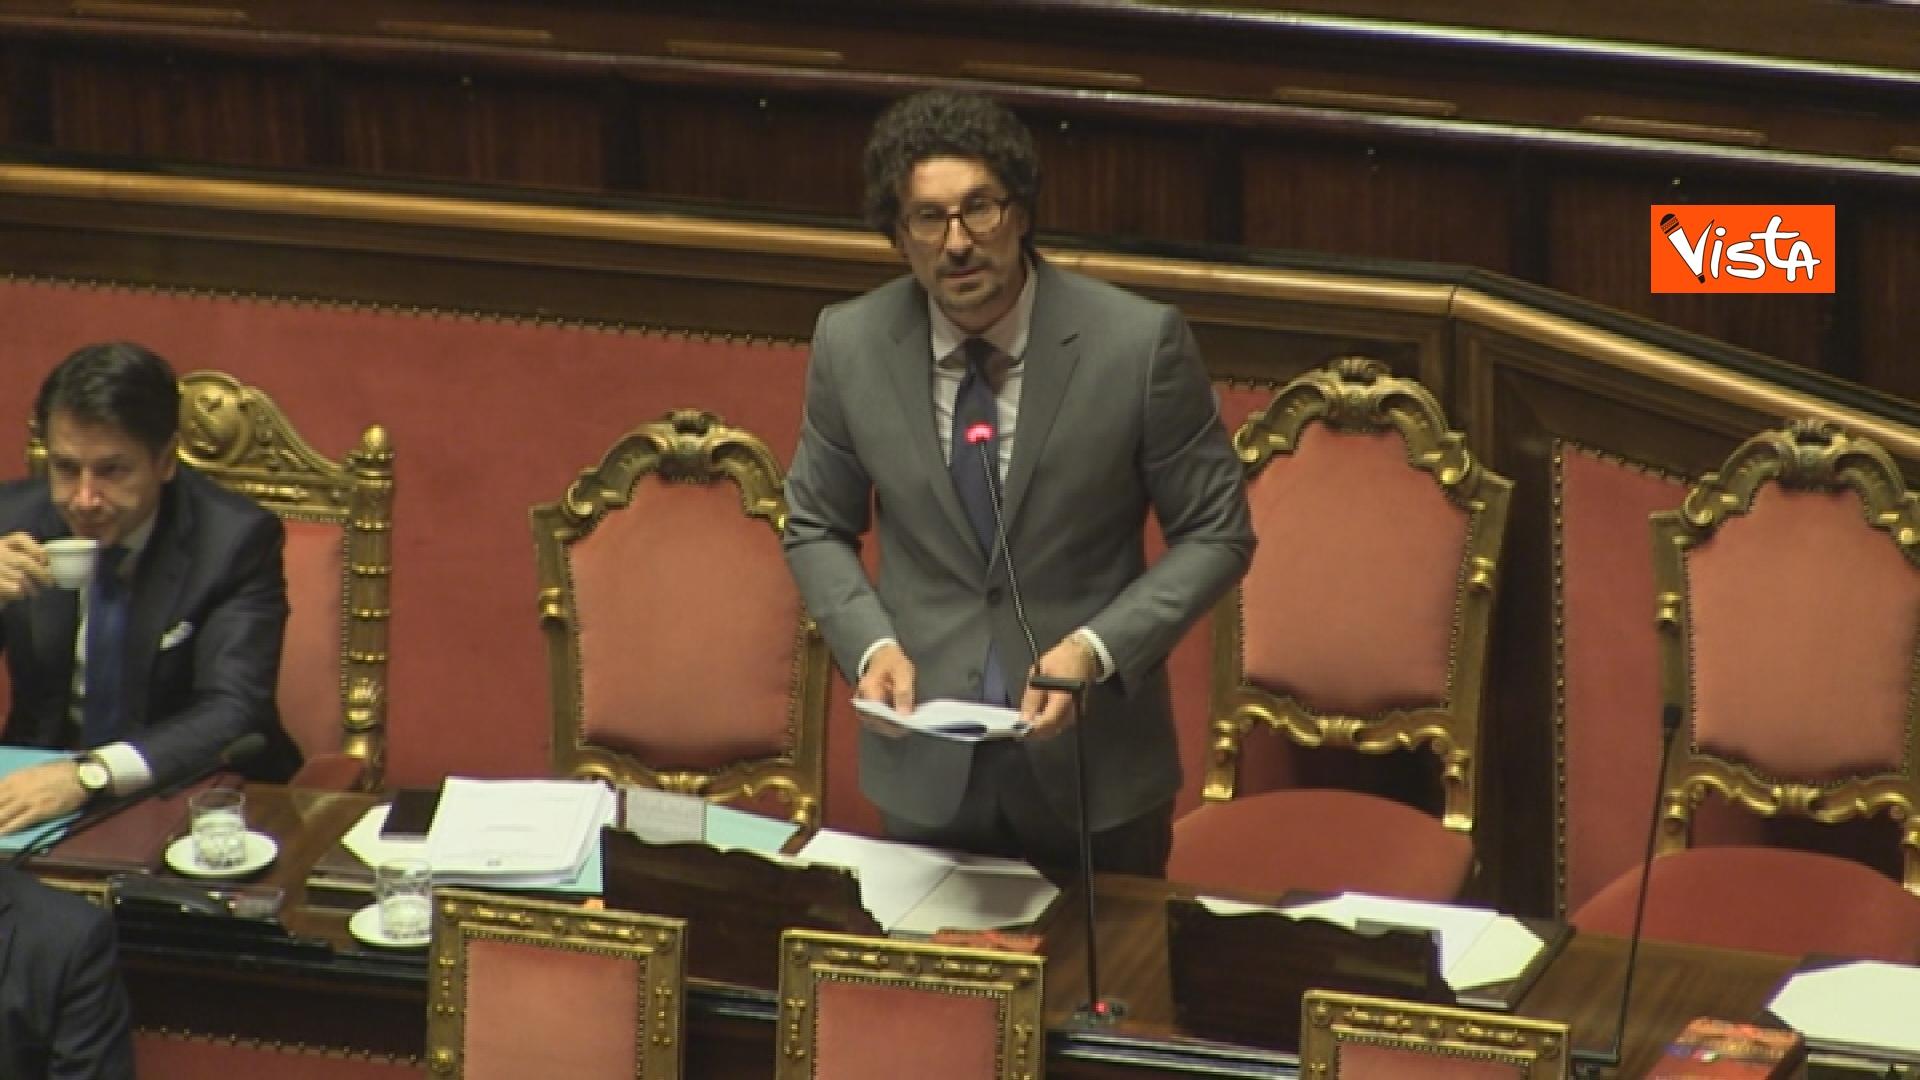 21-03-19 Mozione sfiducia per Toninelli al Senato le immagini dell Aula_10